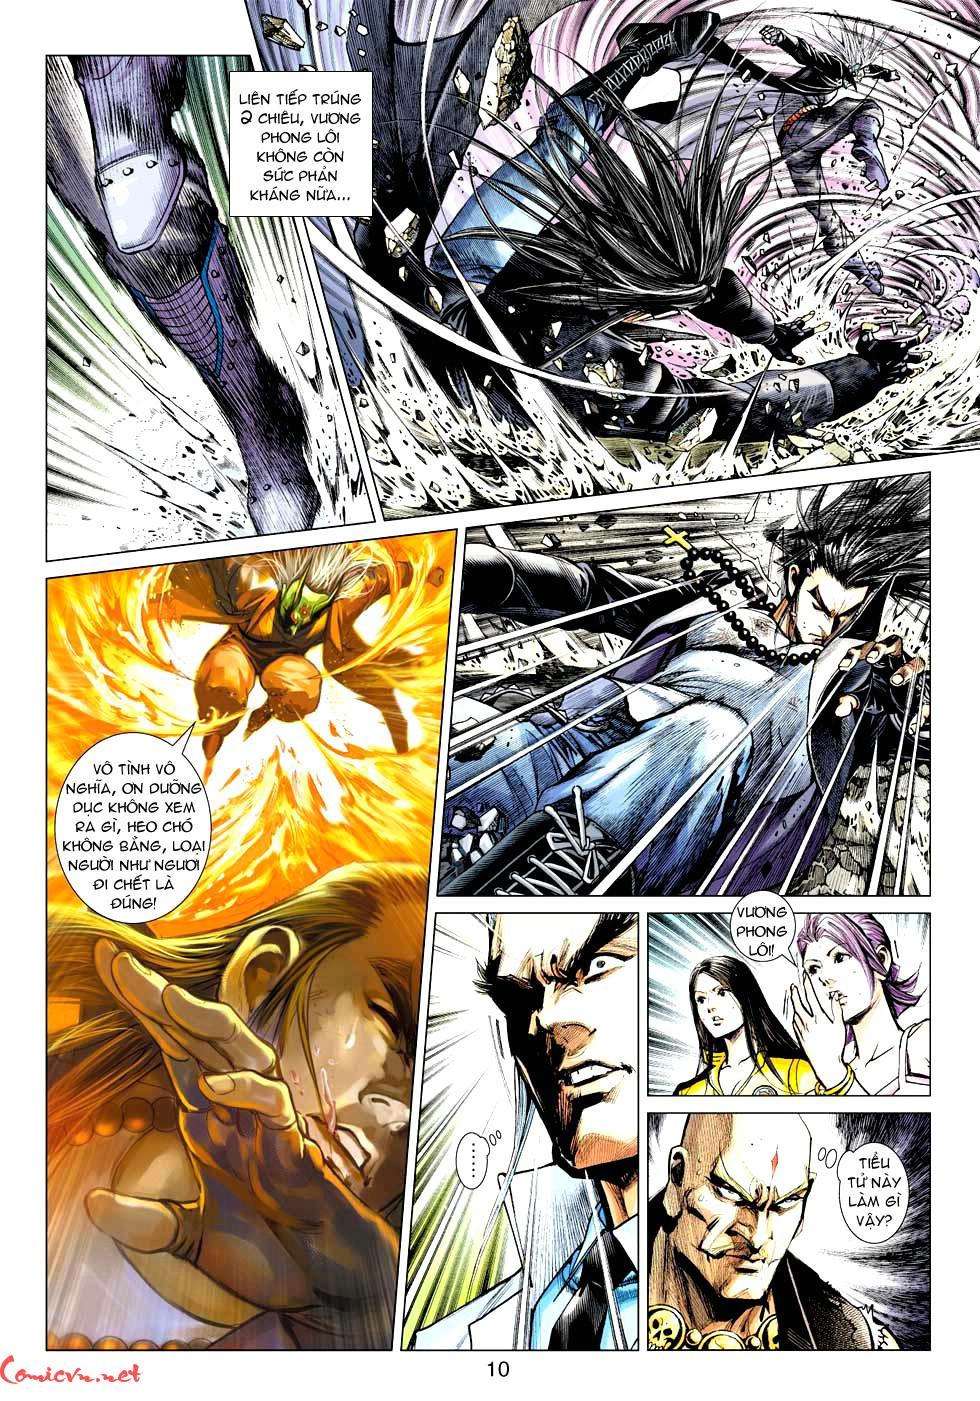 Vương Phong Lôi 1 chap 32 - Trang 9